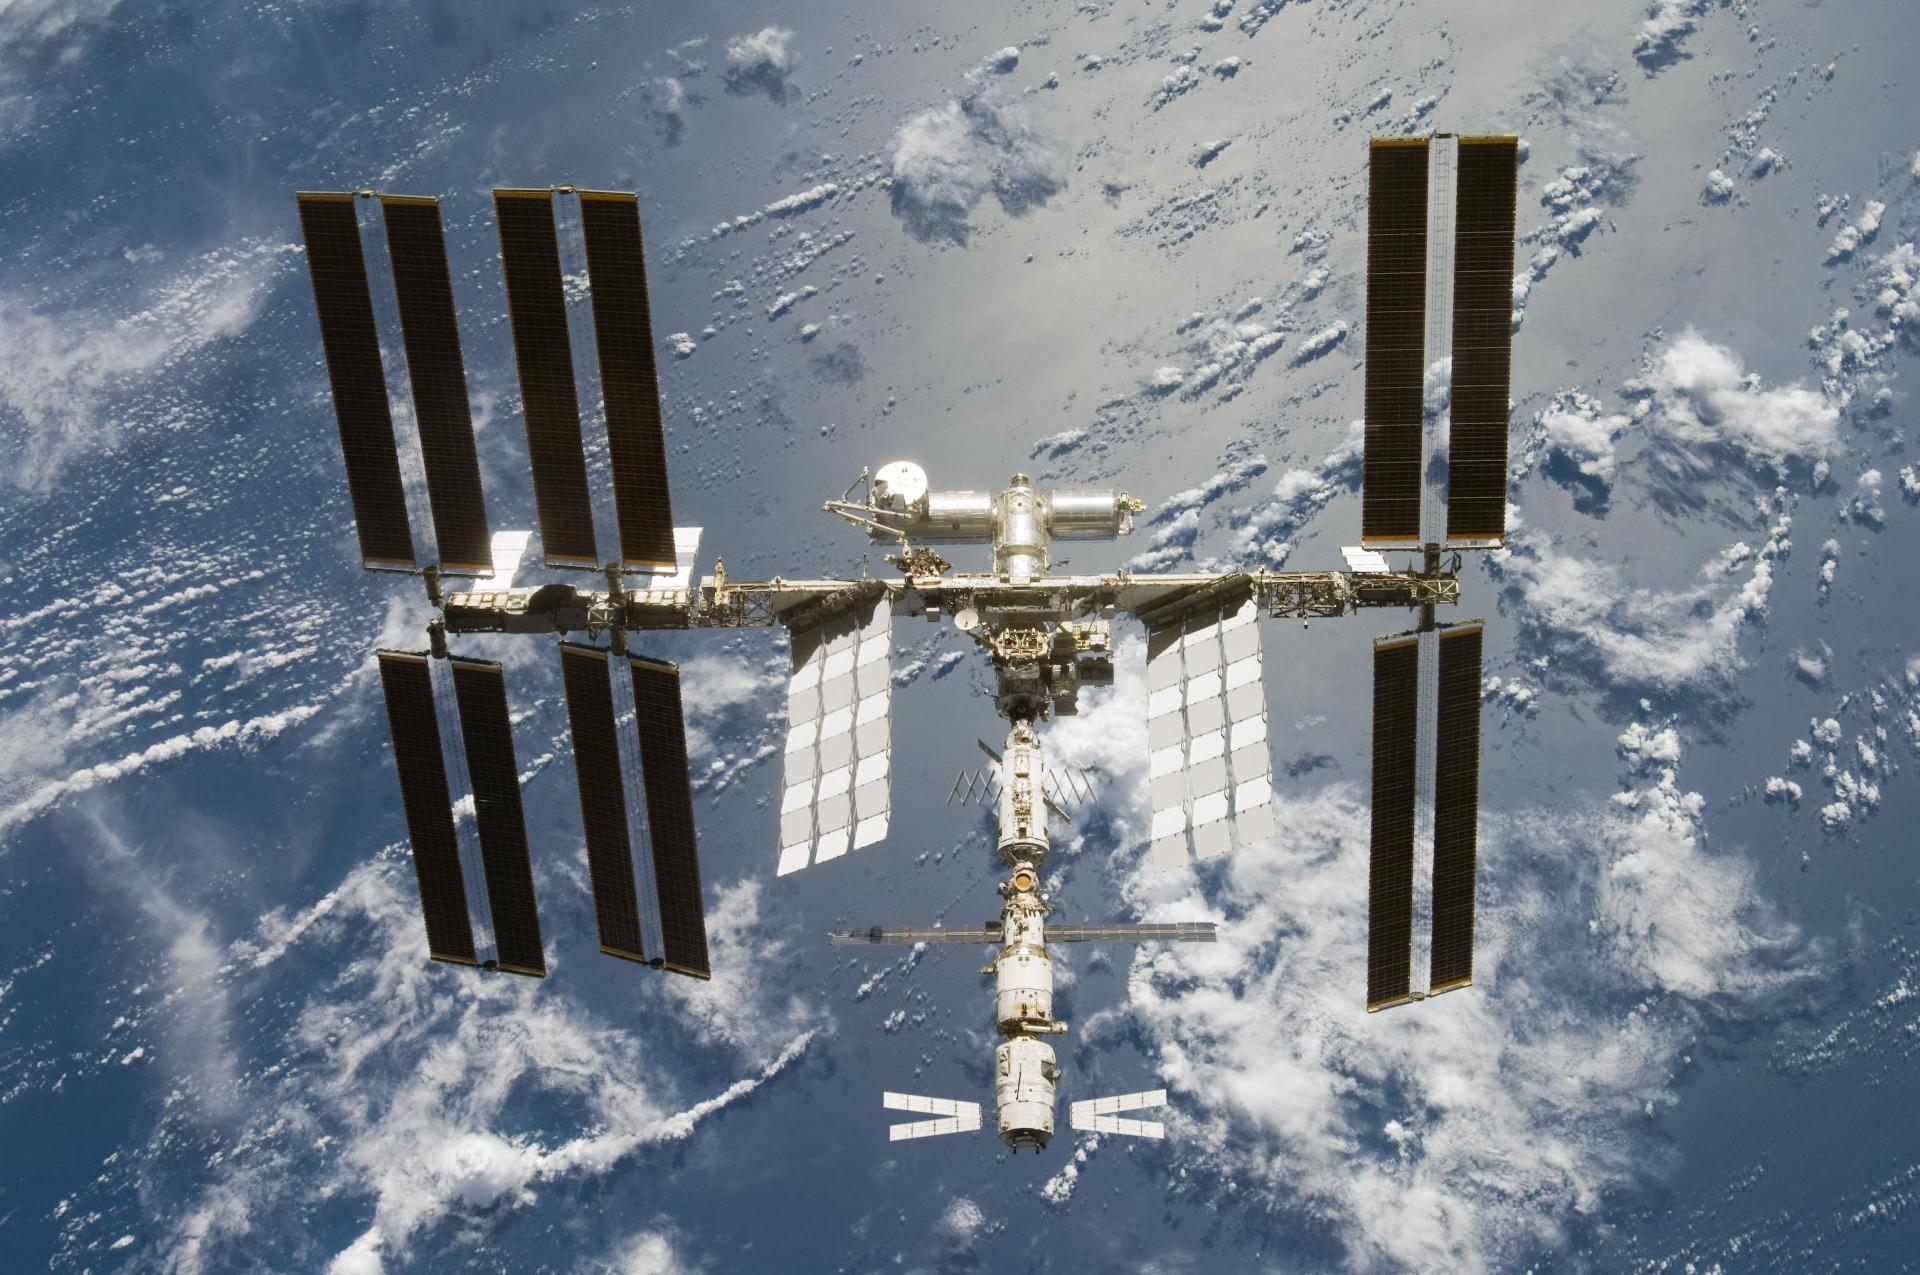 Una espectacular animación que muestra el ensamblaje de la ISS